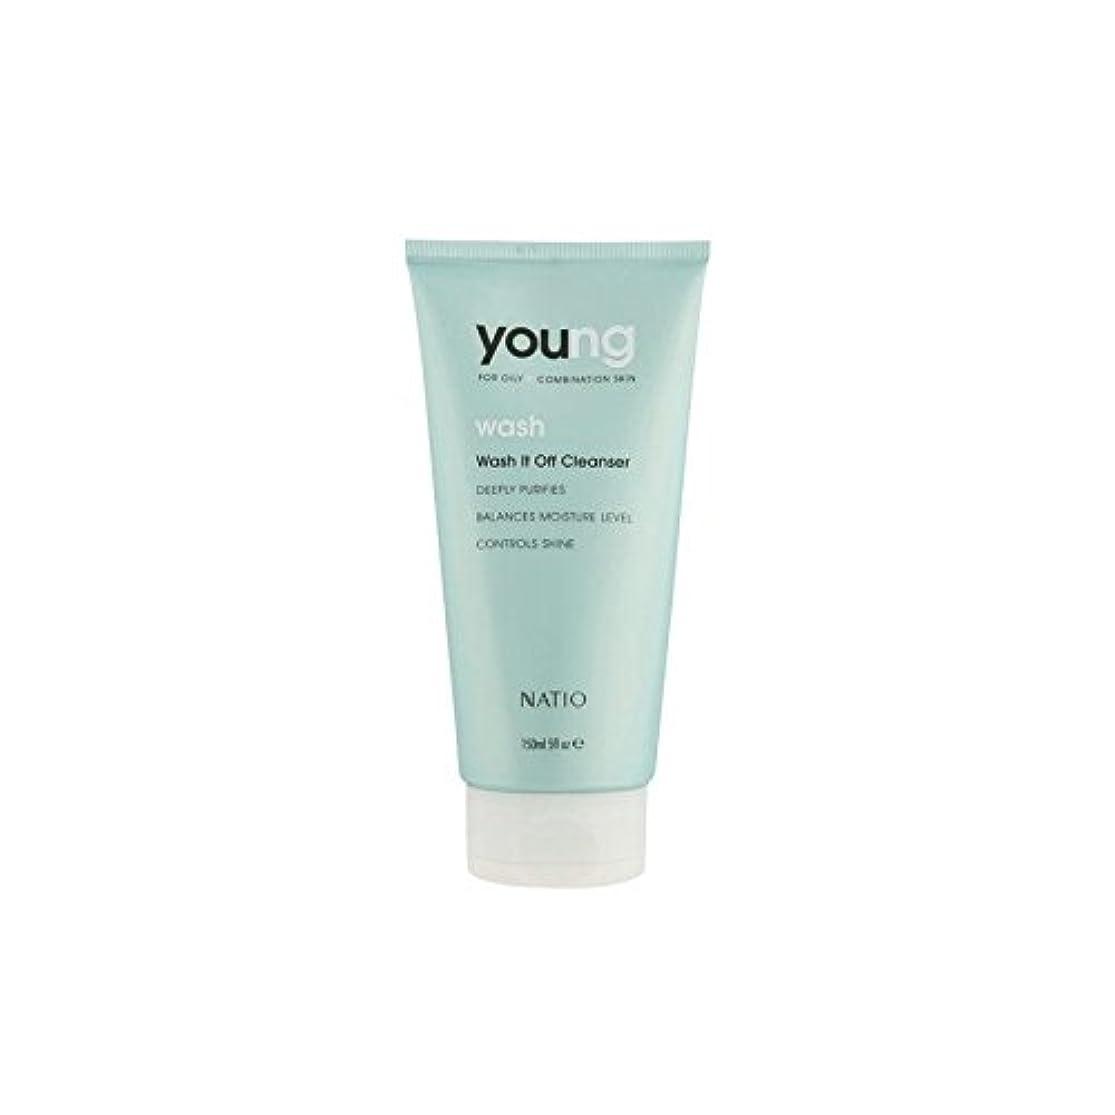 窓ピジン科学者Natio Young Wash It Off Cleanser (150ml) - 若いウォッシュそれオフクレンザー(150ミリリットル) [並行輸入品]